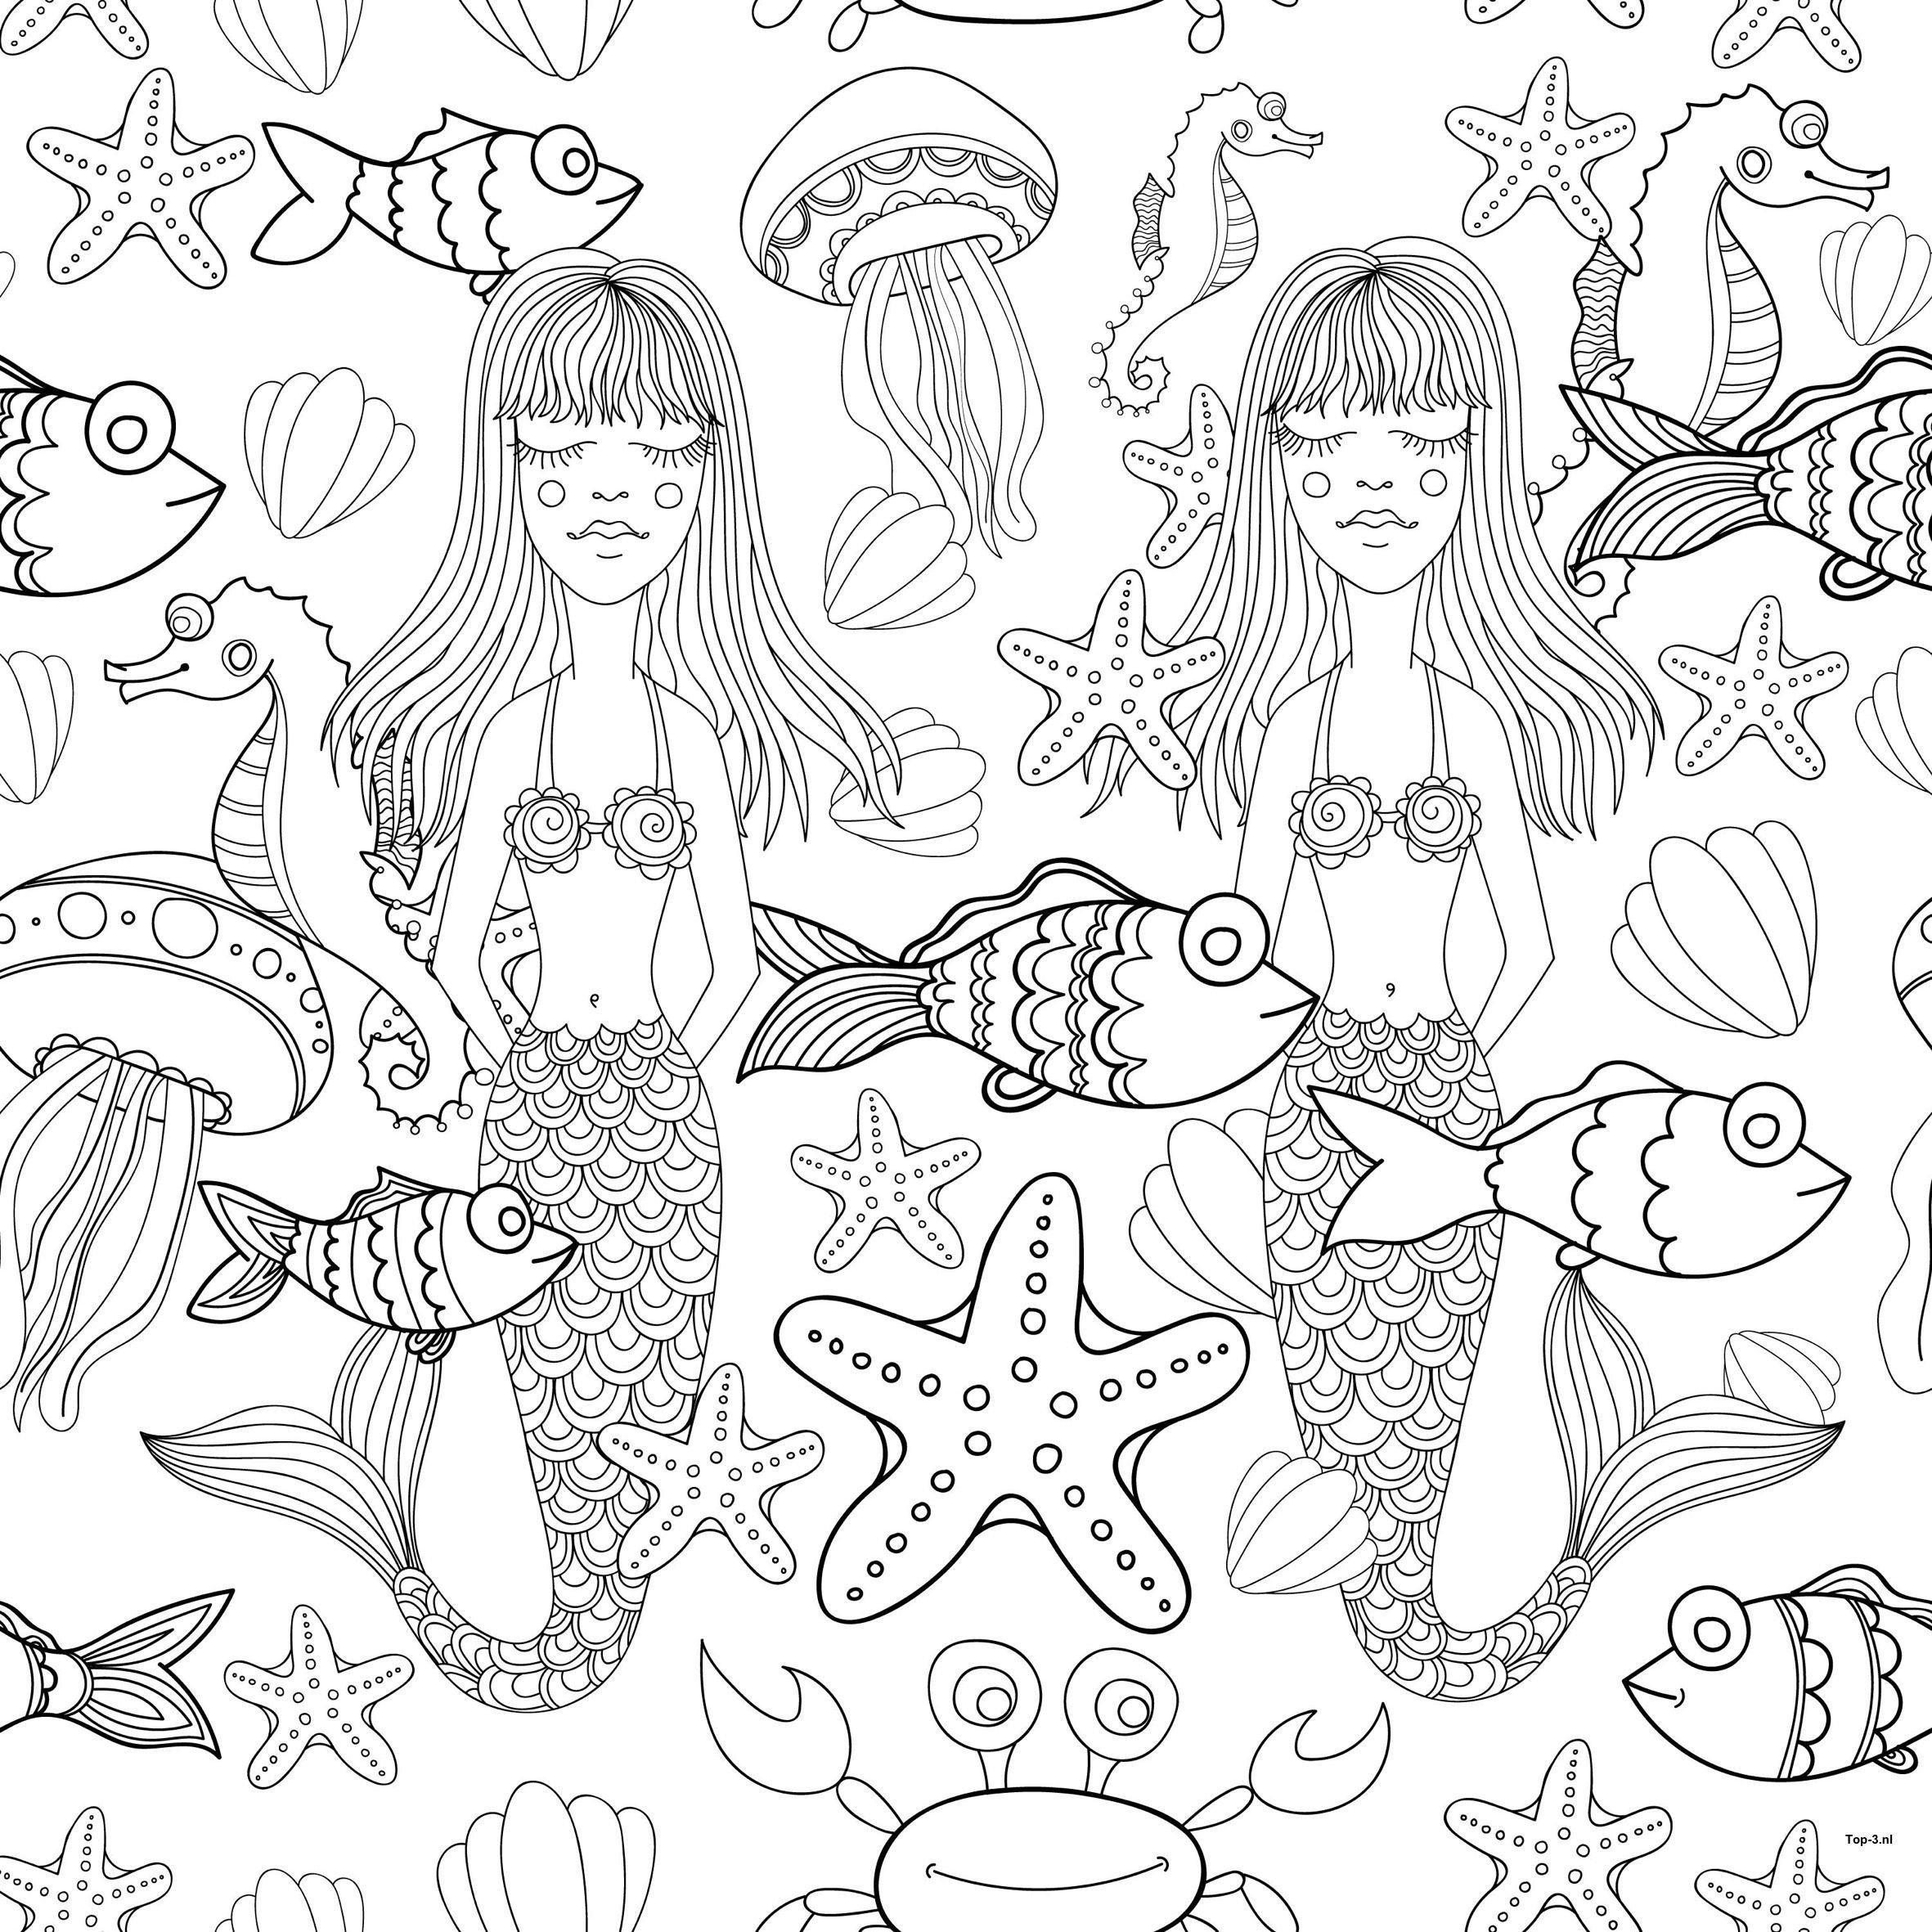 Kleurplaten Prinses Sprookjes Zeemeermin Top 3 Kado En Feesttips Kleurplaten Sprookjes Zeemeermin Top